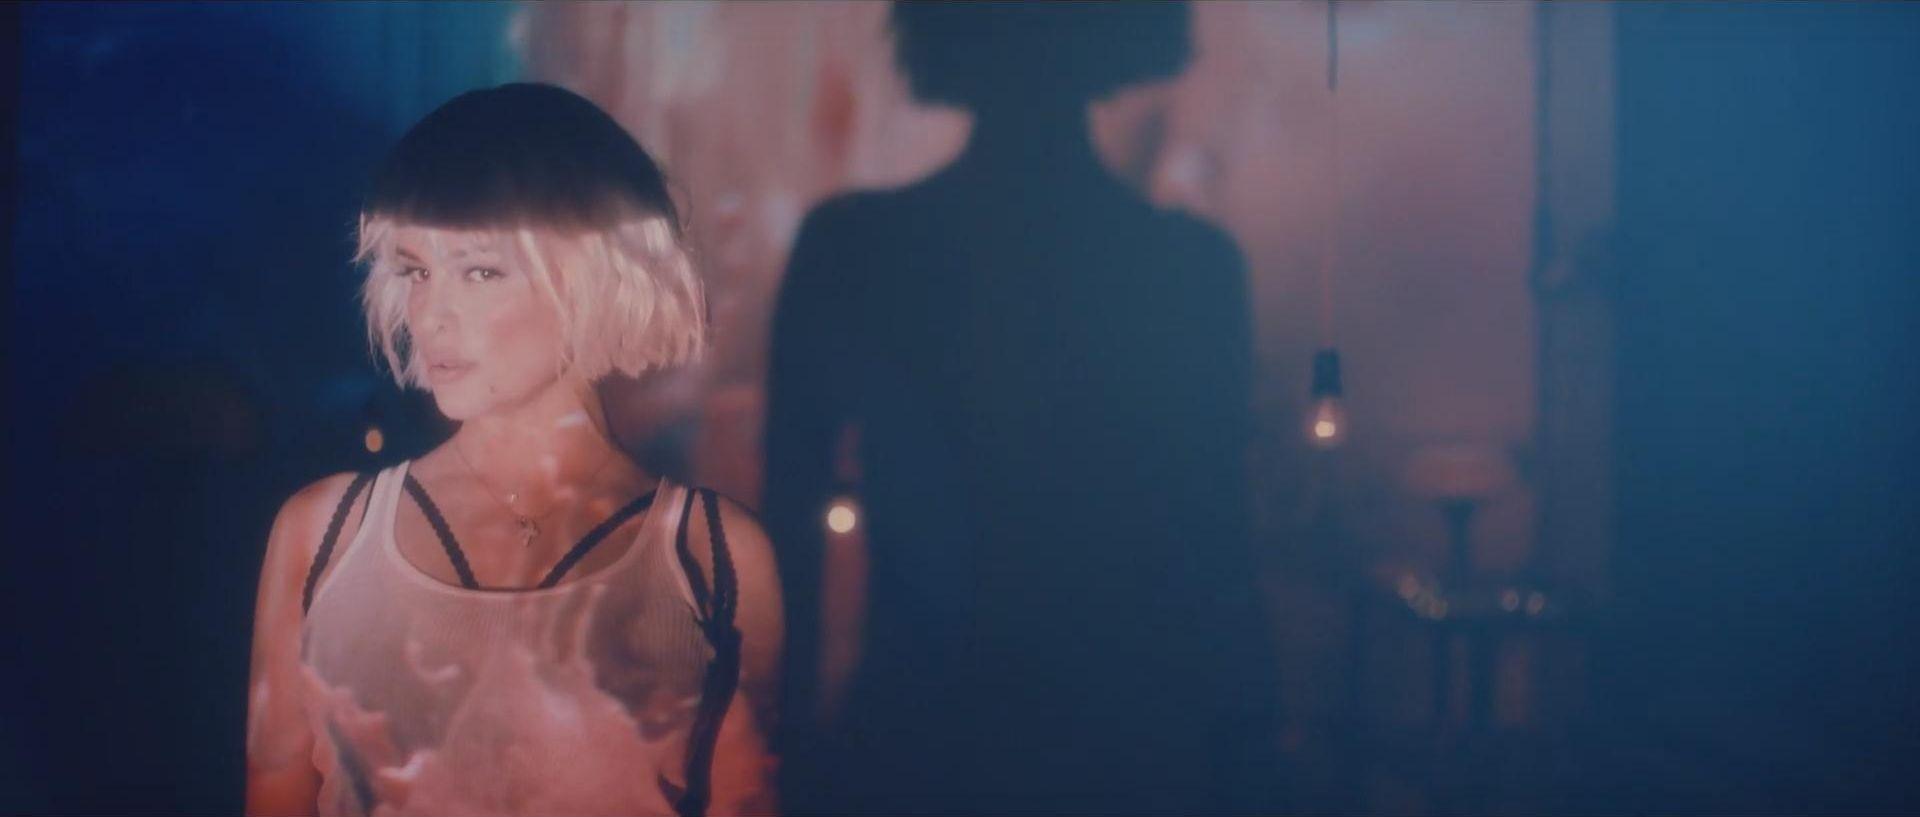 VIDEO: SEKUNDE Severina objavila novi spot, komentatori pjesmu uspoređuju s Rihannom